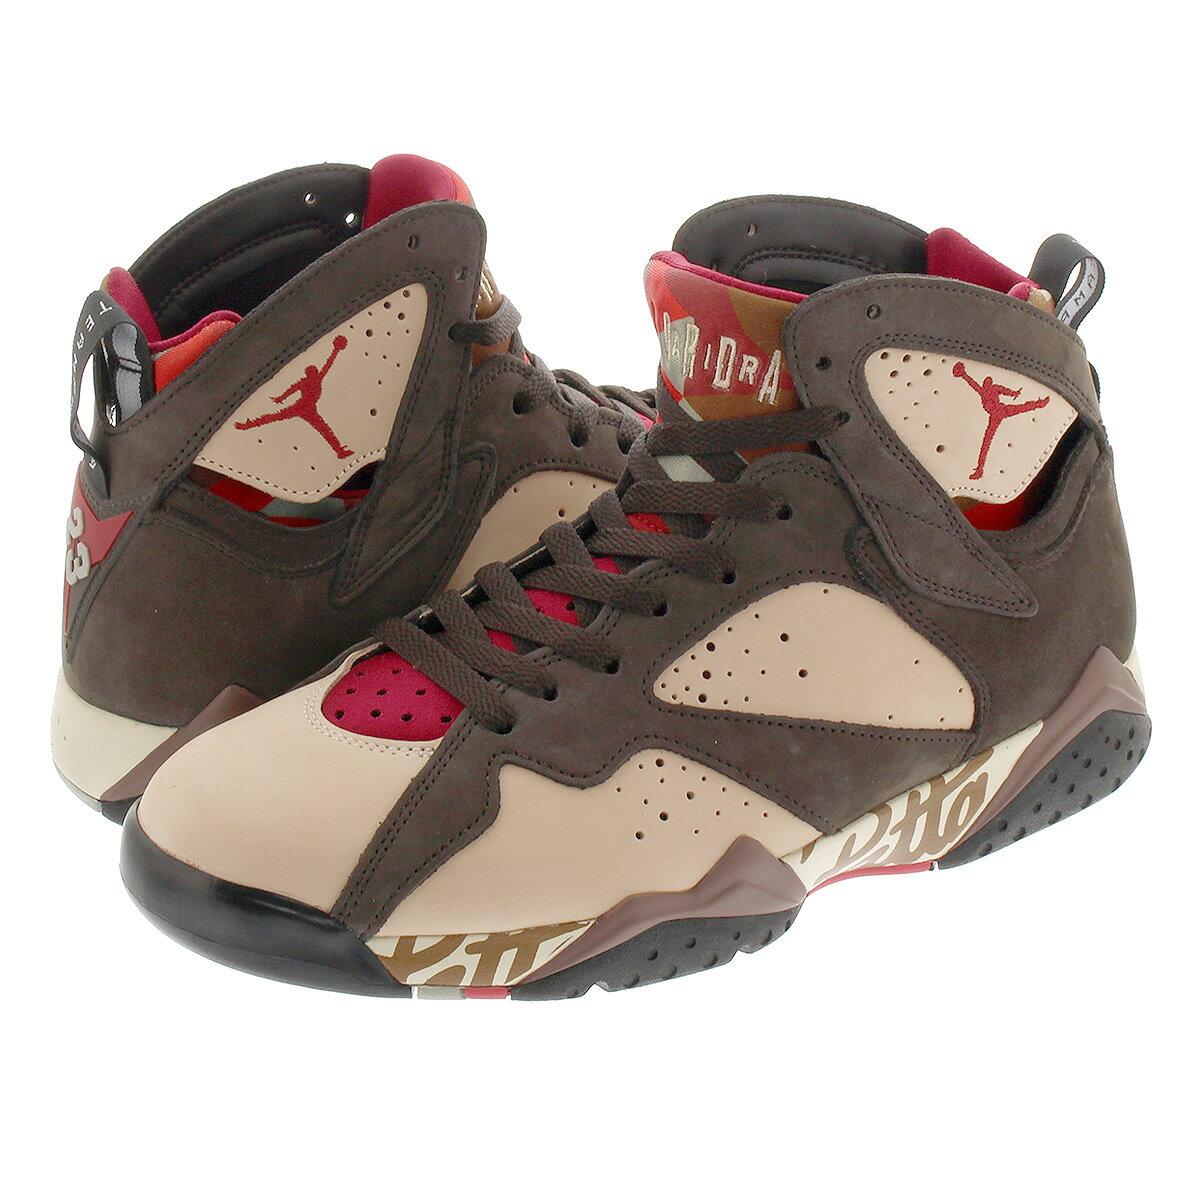 メンズ靴, スニーカー NIKE AIR JORDAN 7 RETRO PATTA 7 SHIMMERTOUGH REDVELVET BROWNMAHOGANY PINK at3375-200